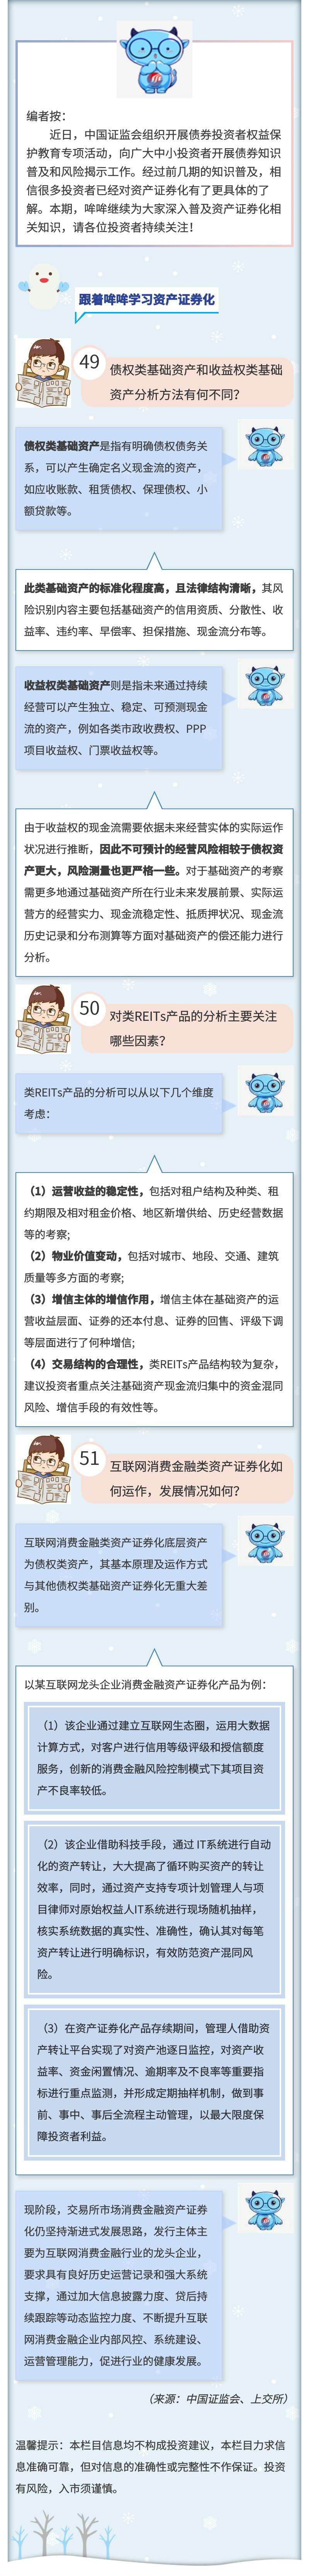 资产证券化业务知识问答(九).jpg